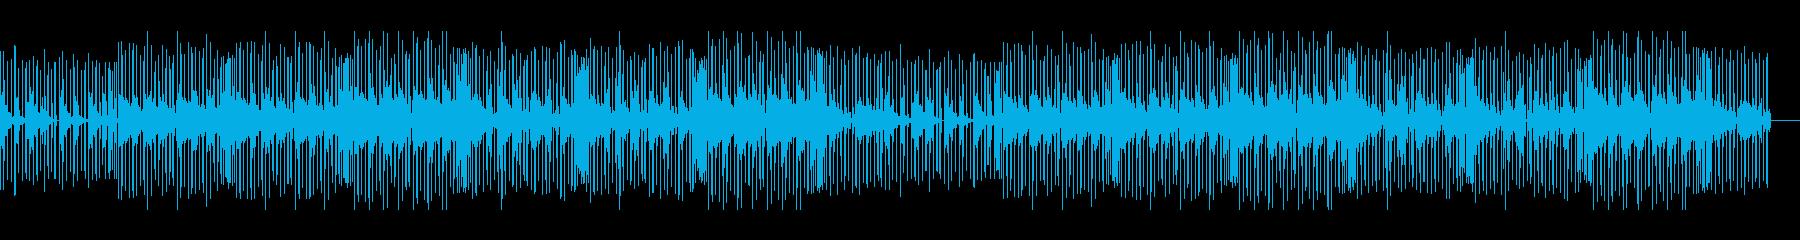 シンセサウンドが印象的なエレクトロの再生済みの波形